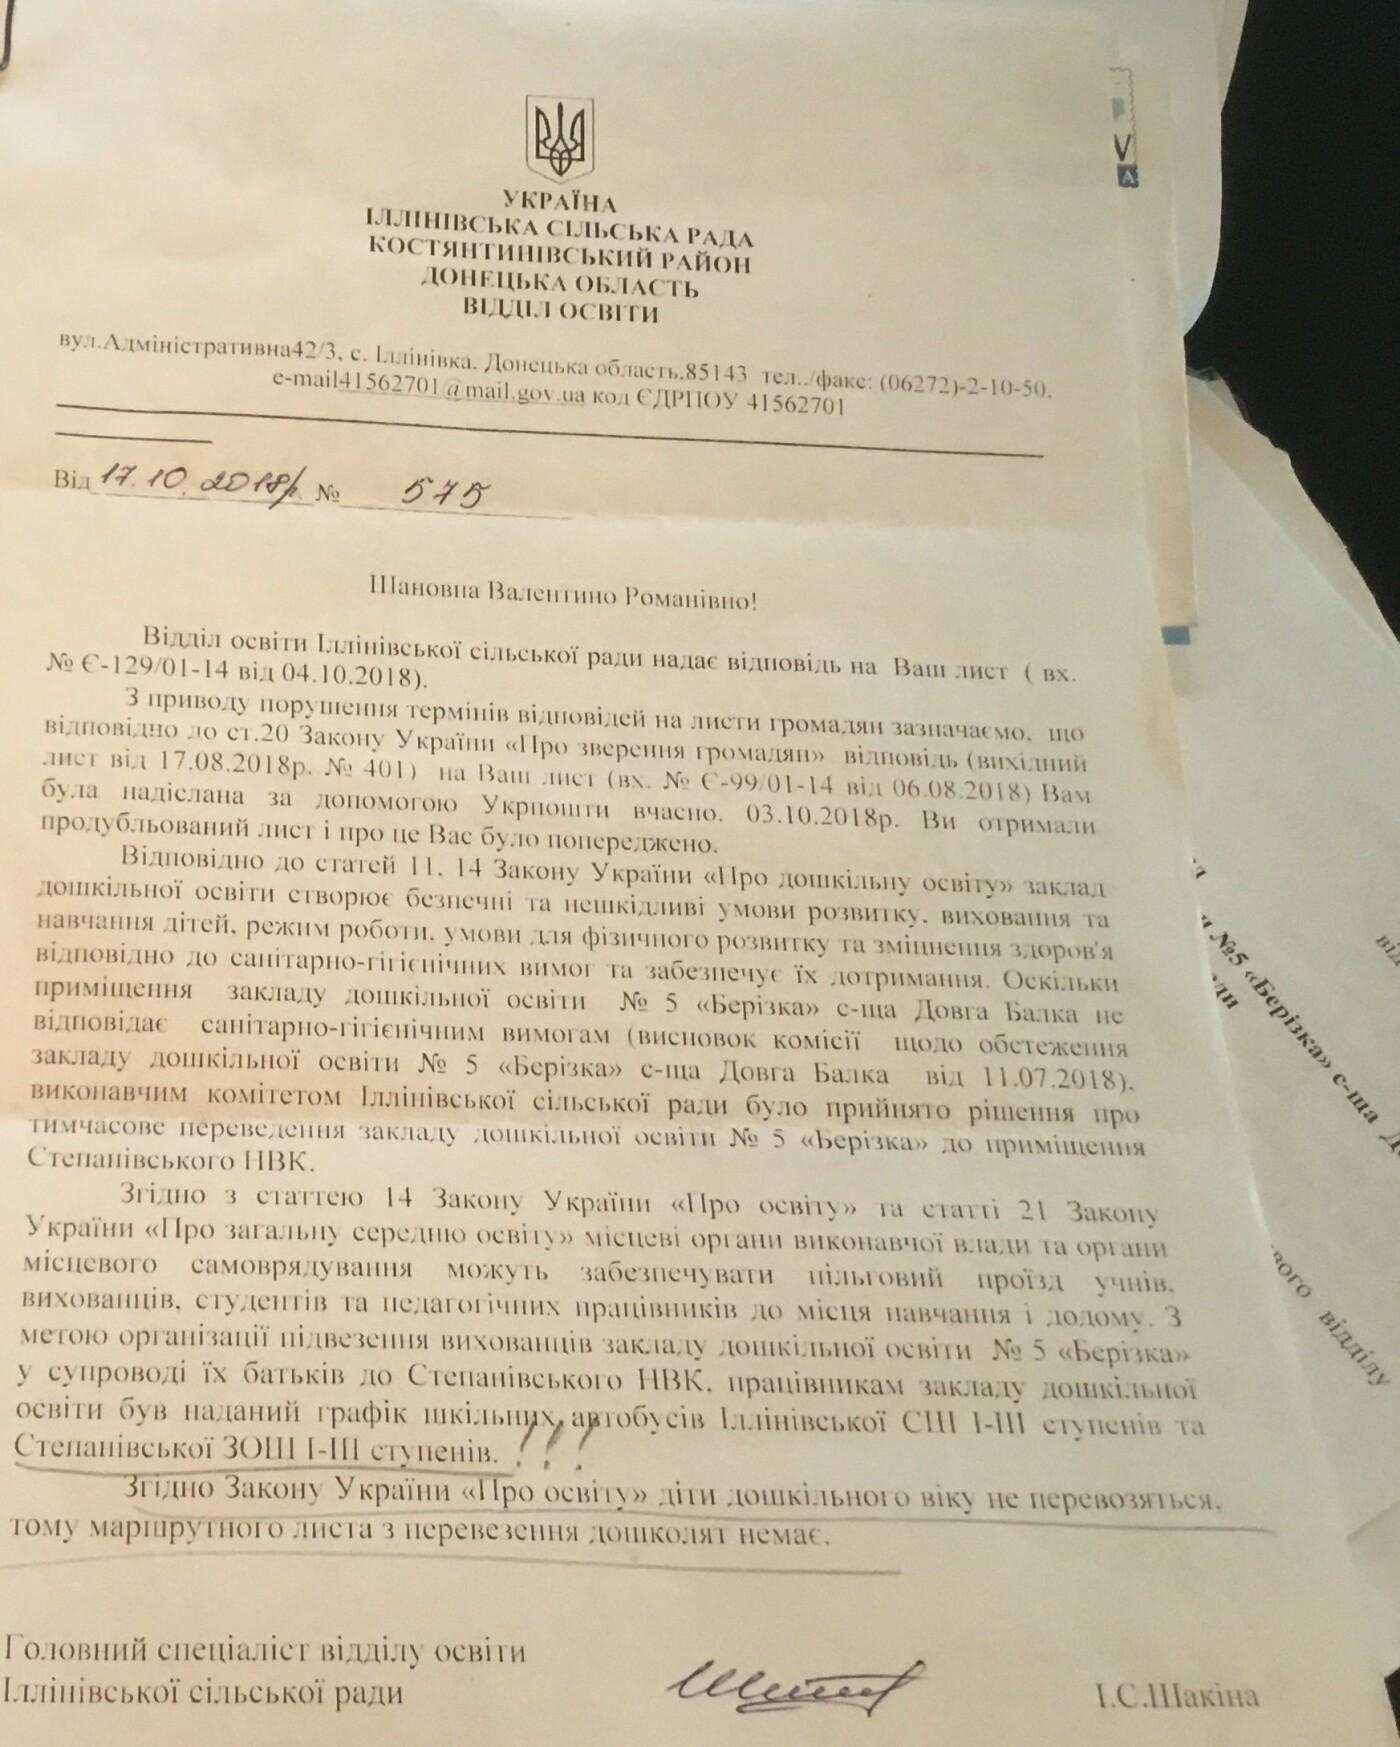 Дошкільнята з села Довга Балка Костянтинівського району не отримують належної освіти, фото-4